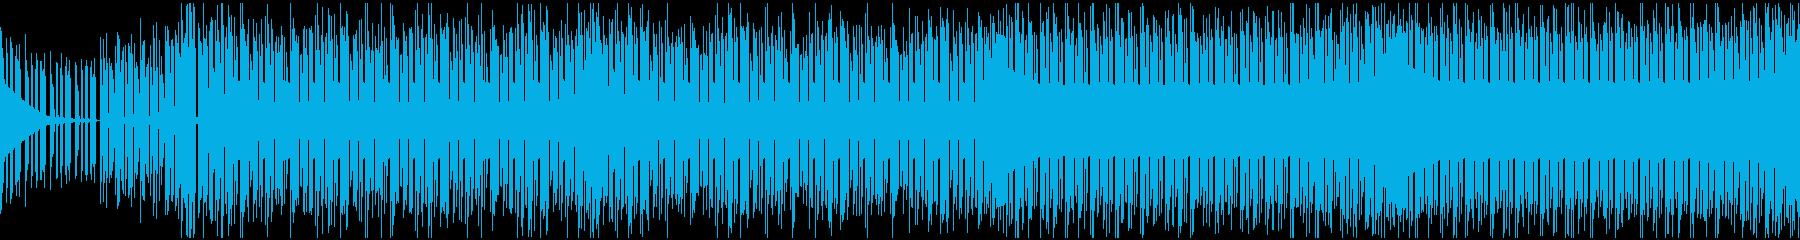 最初のボス戦のためのチップチューンBGMの再生済みの波形